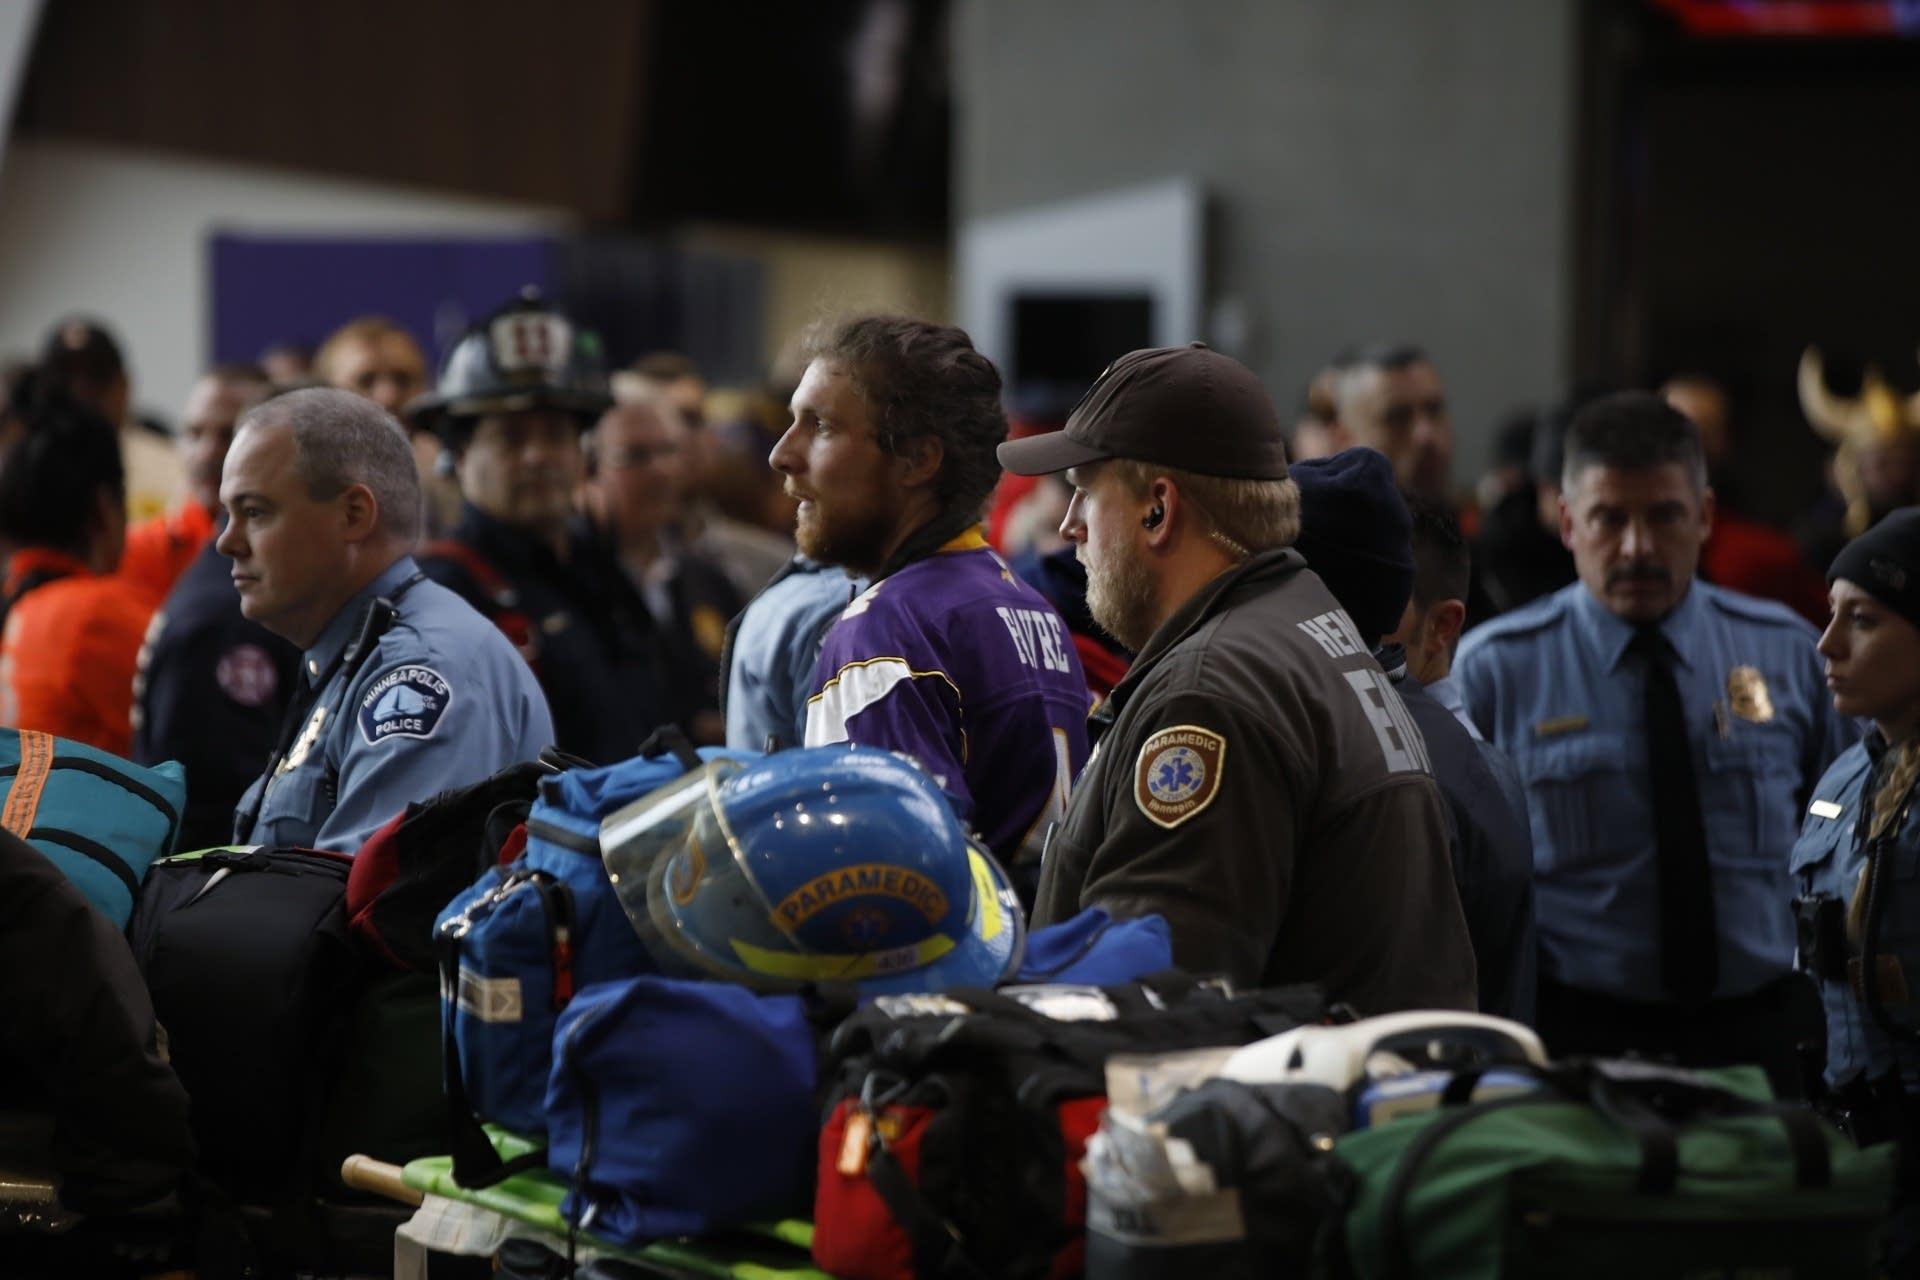 Paramedics escort a protester.